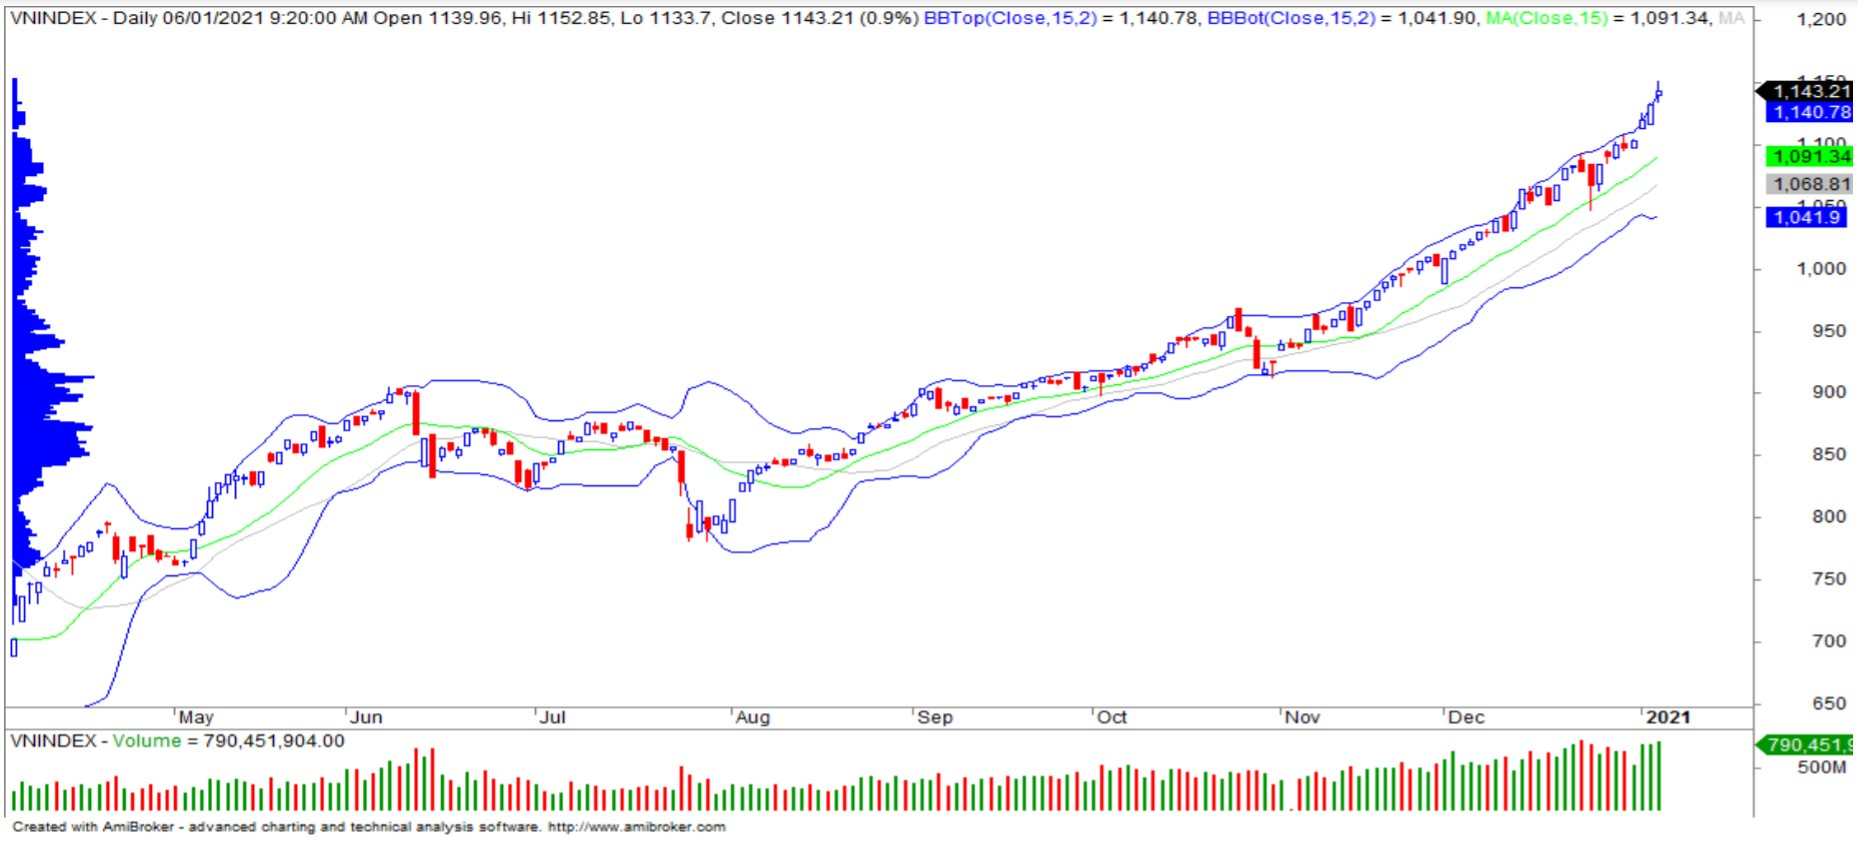 Nhận định thị trường chứng khoán ngày 7/1: Kiểm tra lại ngưỡng 1.150 điểm - Ảnh 1.